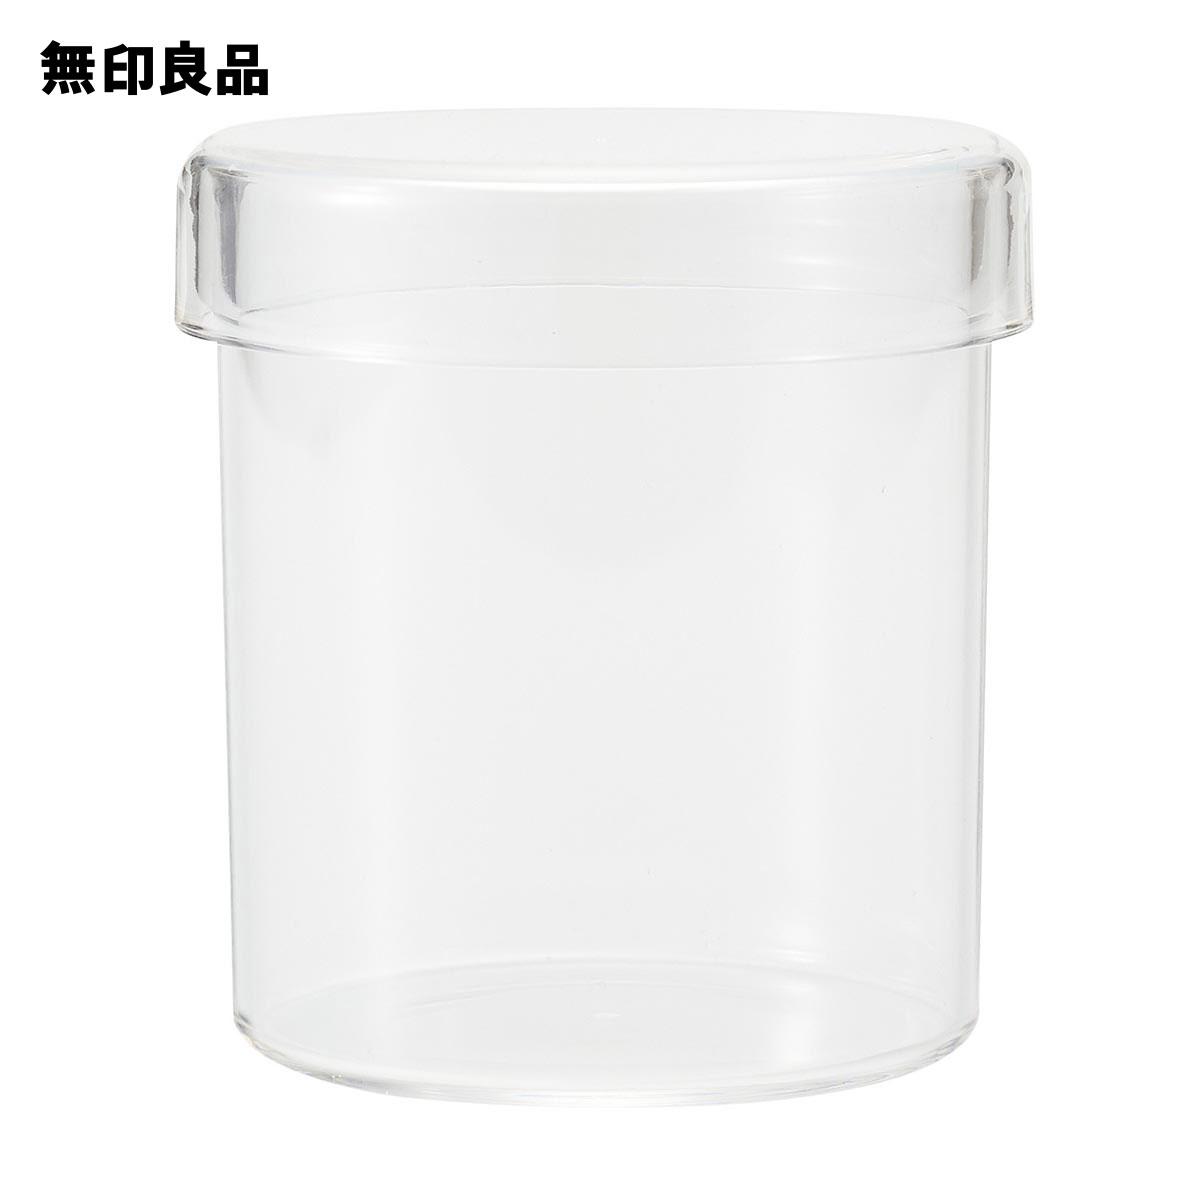 無印良品 公式 ショップ アクリル小物容器約直径90×97mm 気質アップ